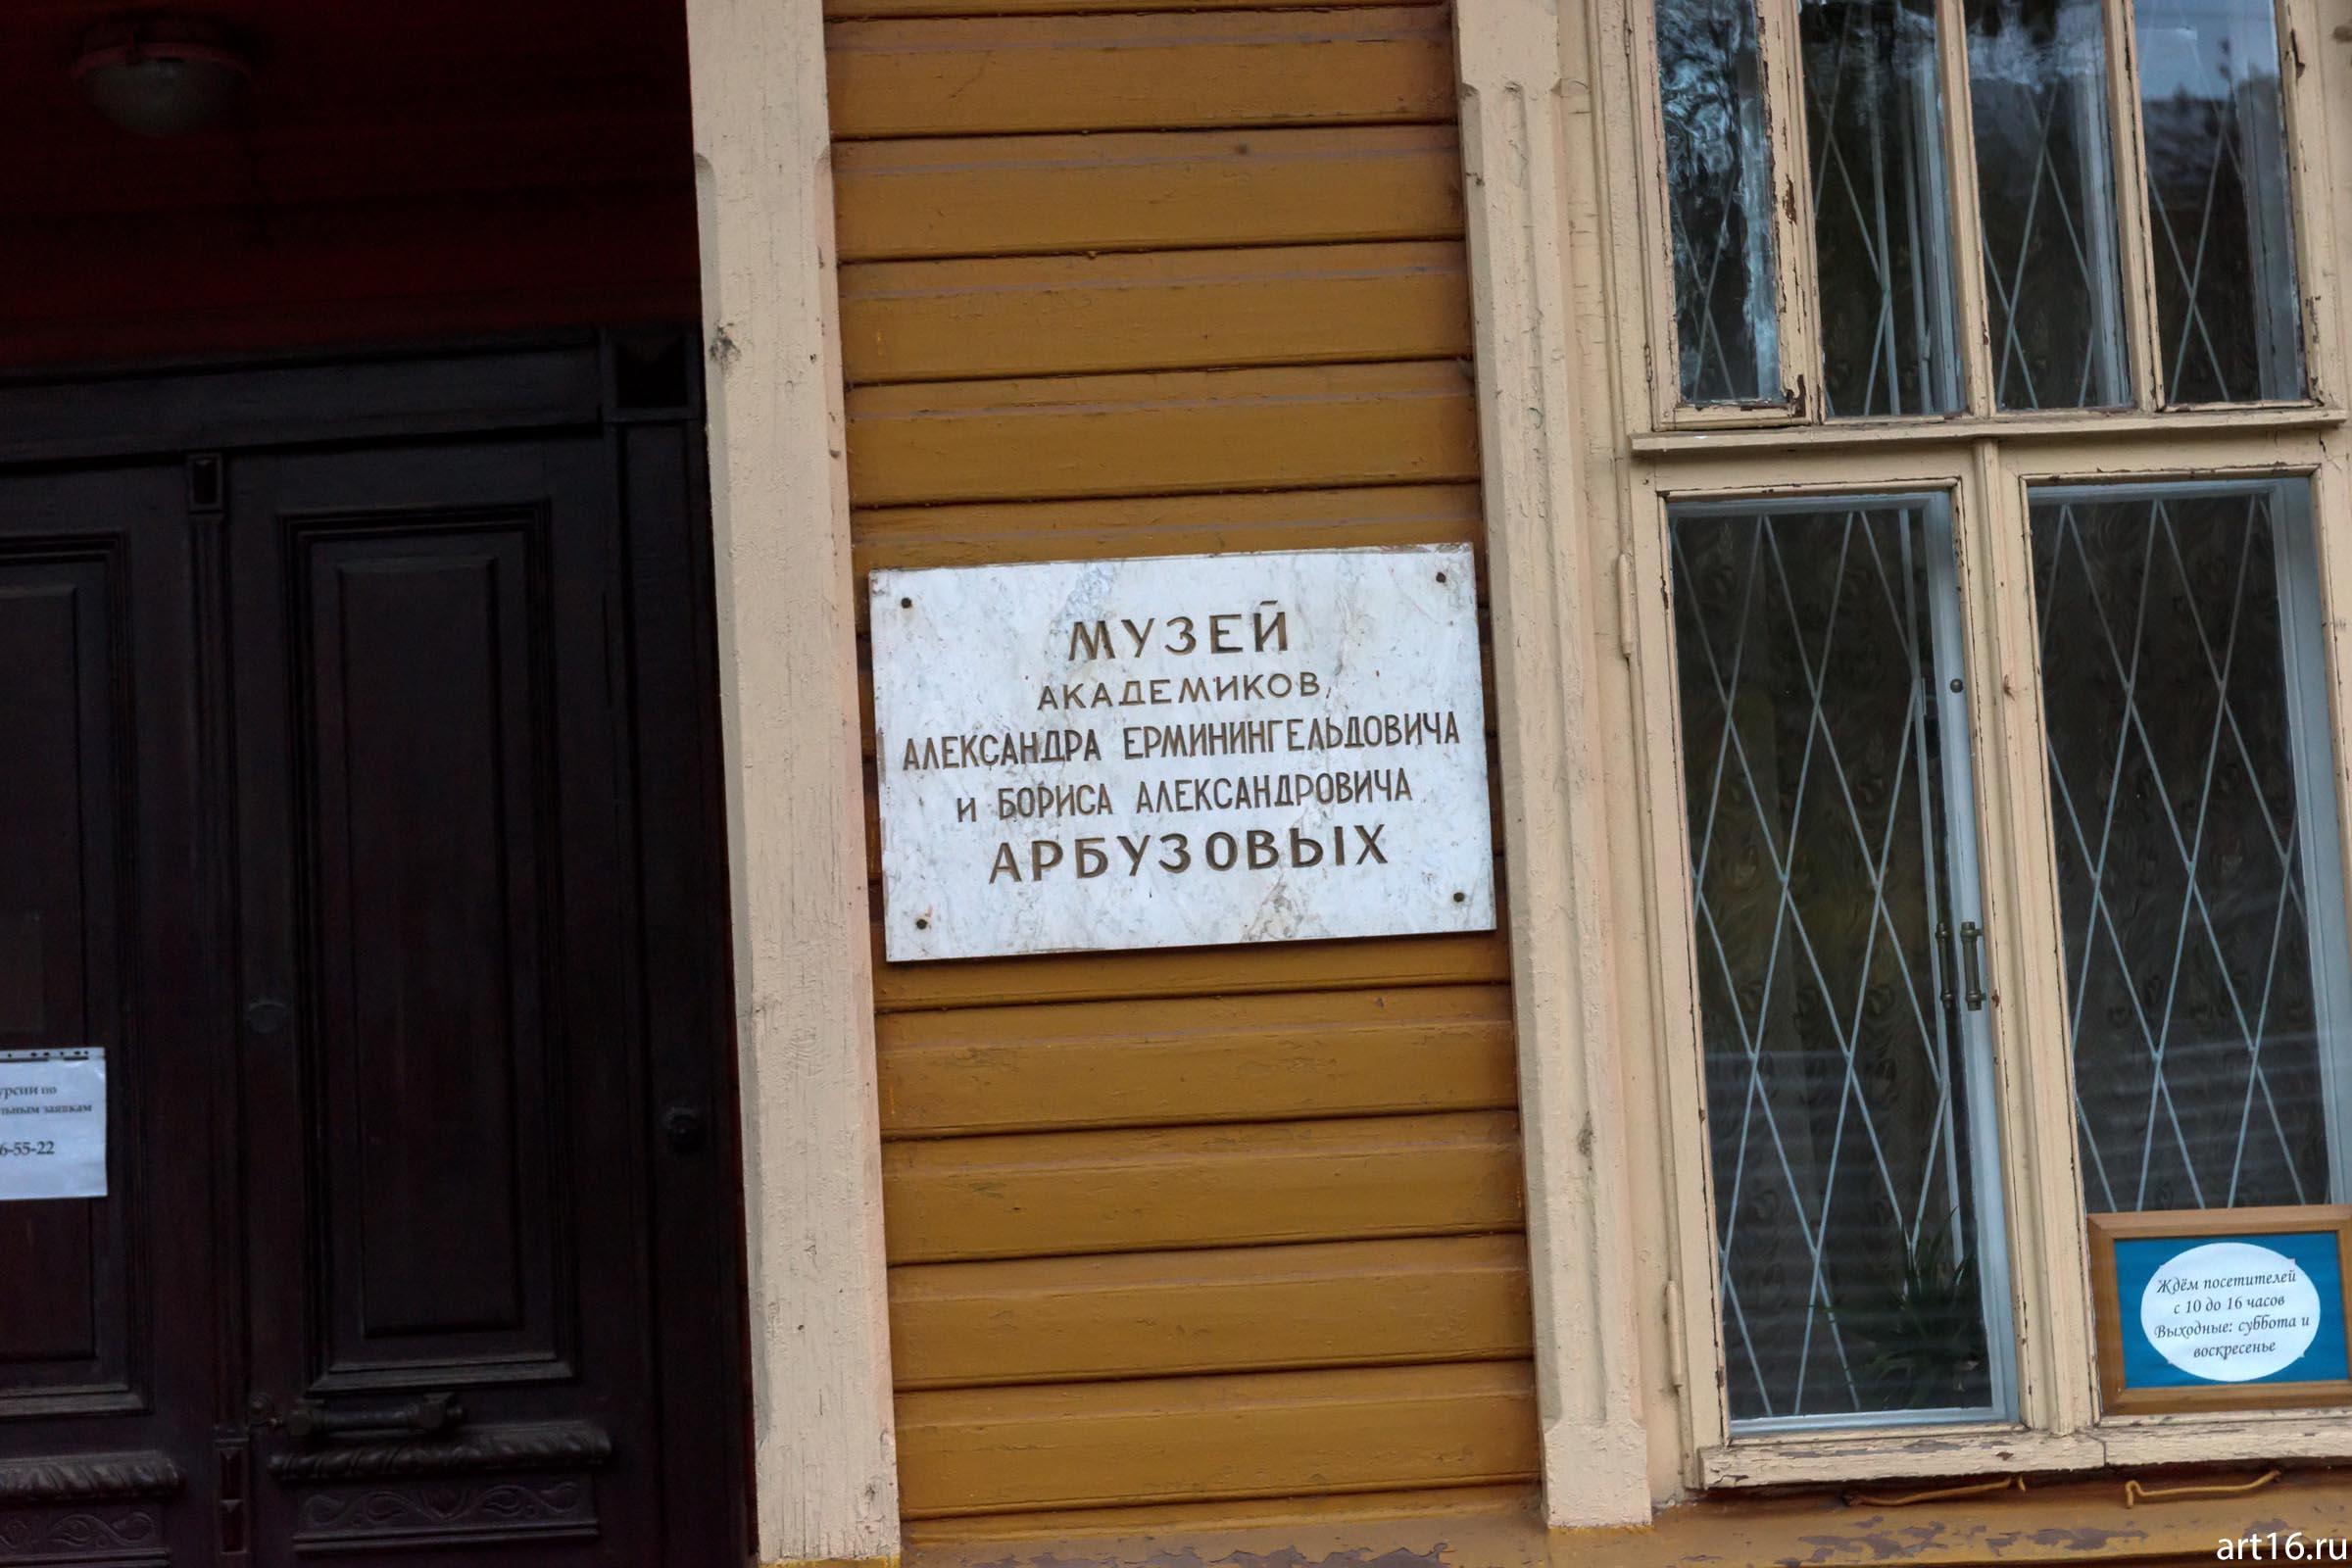 Информационная таблица ʺ Музей академиков А. Е. и Б.А. Арбузовыхʺ::Казань, закат, сумерки, ночь